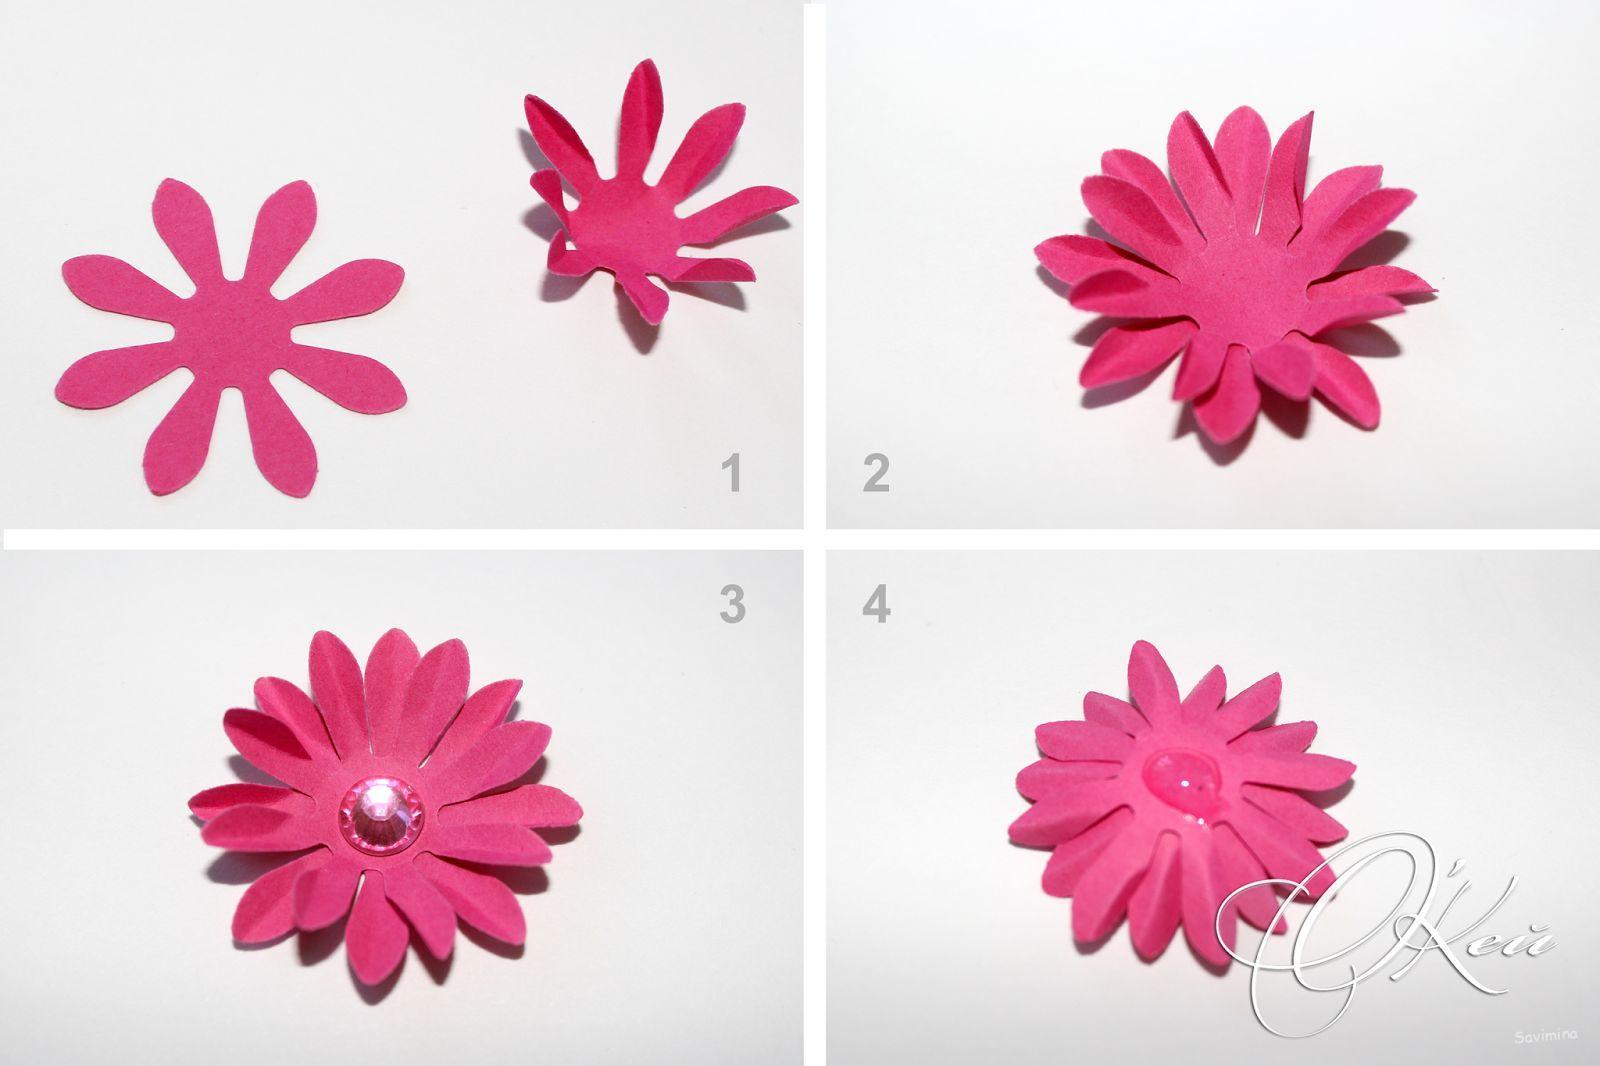 объемный цветок из бумаги на открытку пошаговая инструкция печати теста дюз